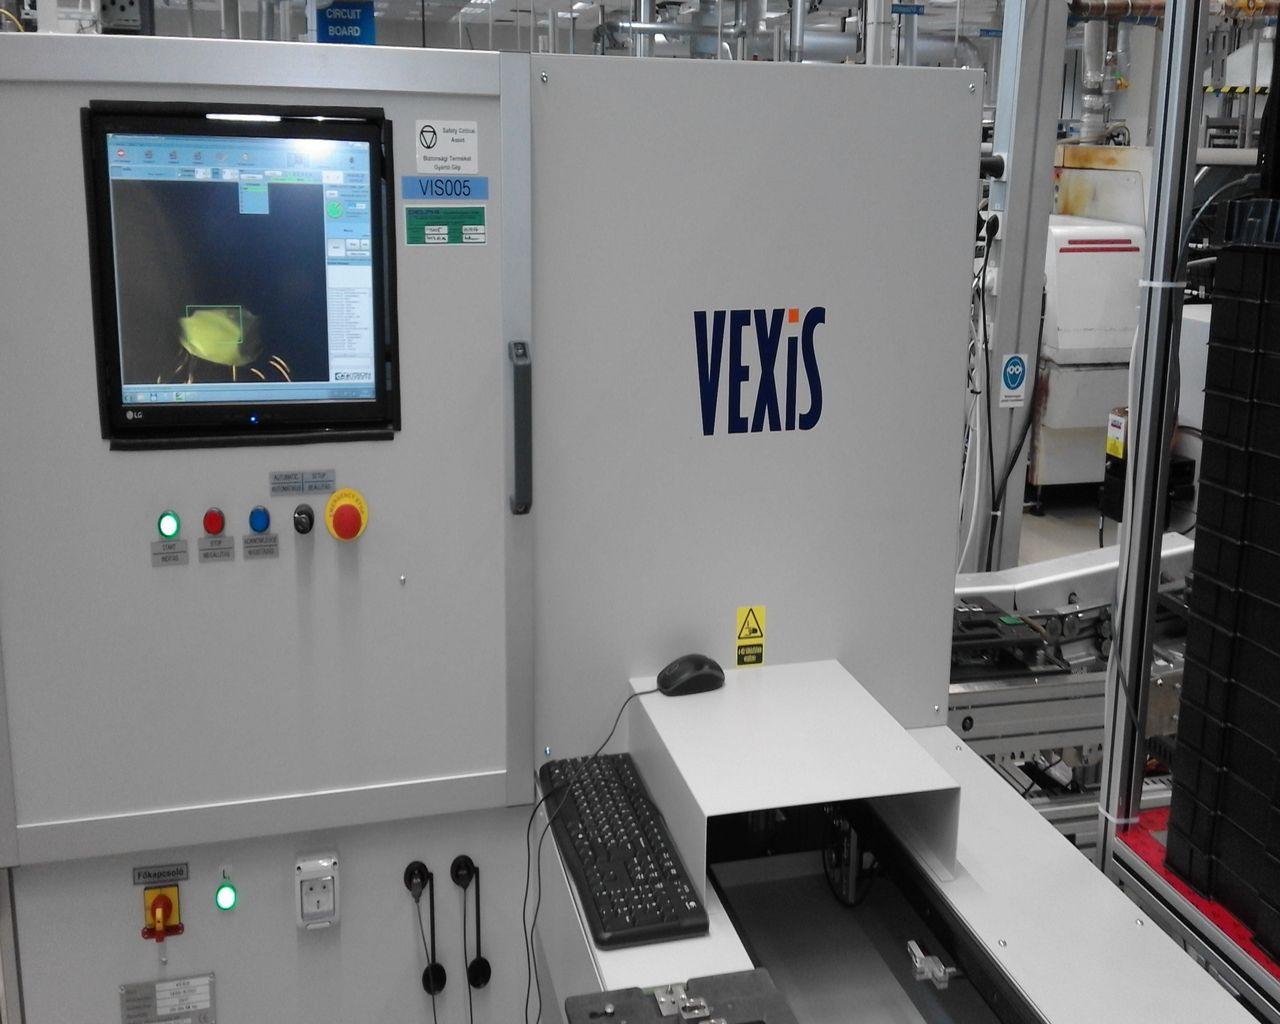 vexis00175